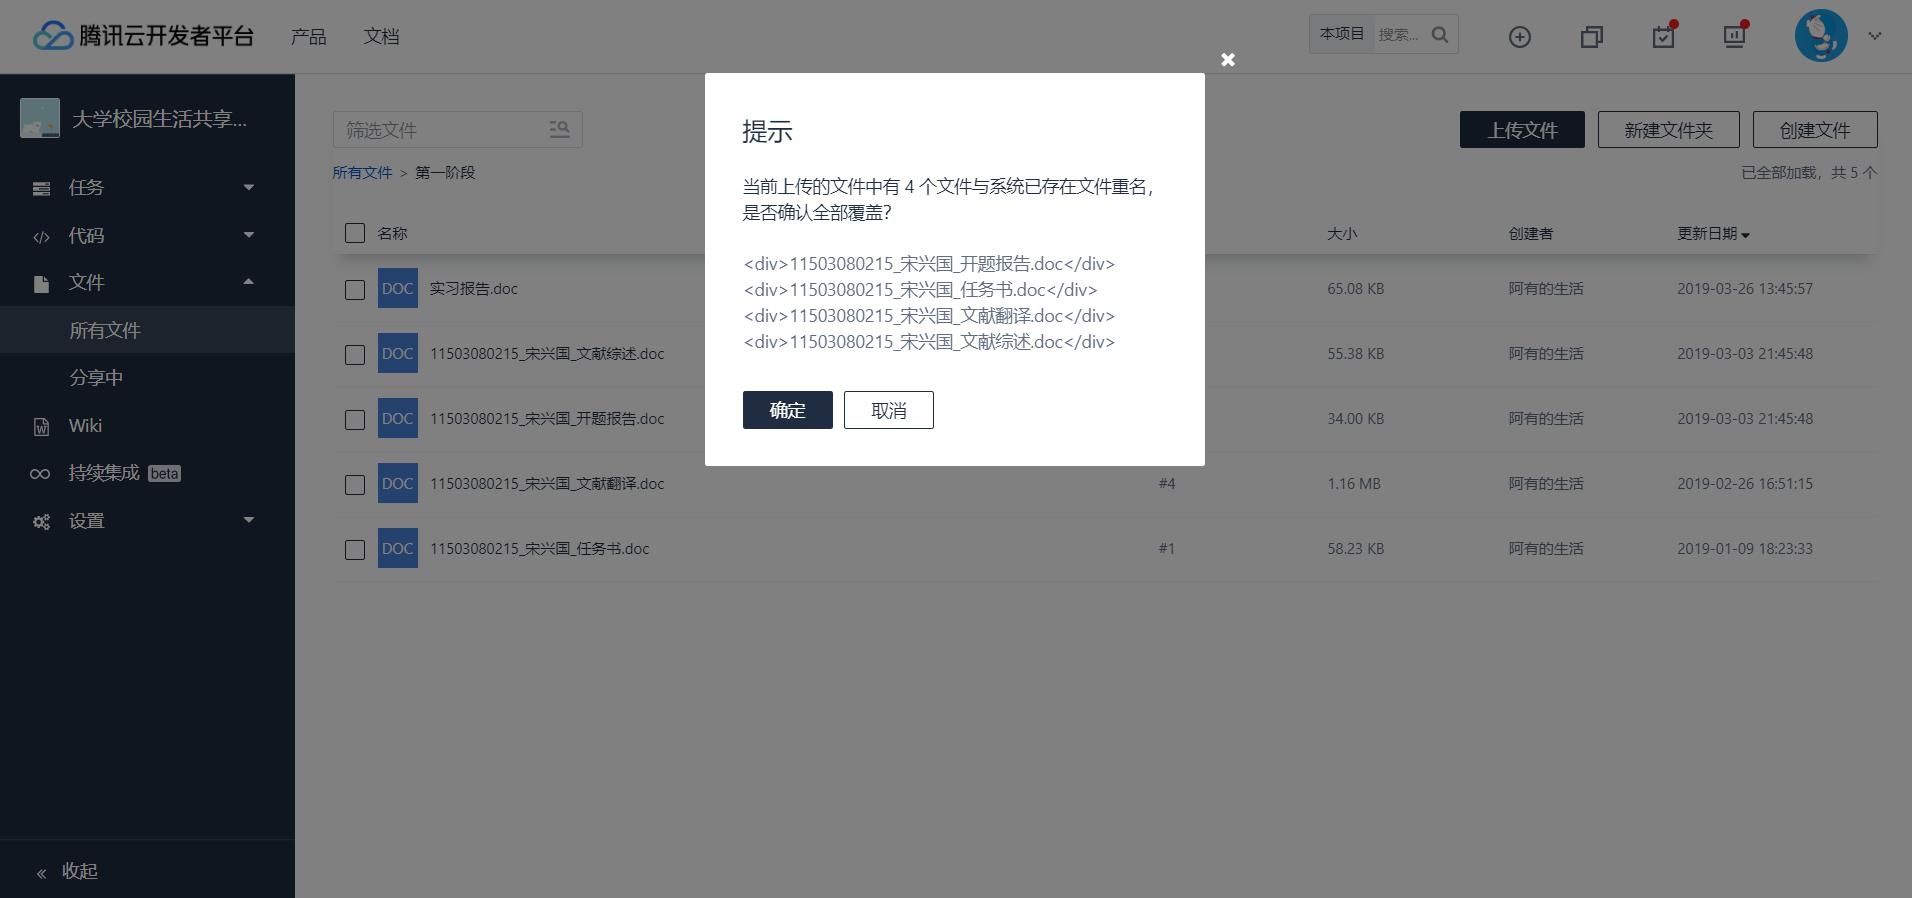 上传文件时,重复文件提示会显示 div  标签